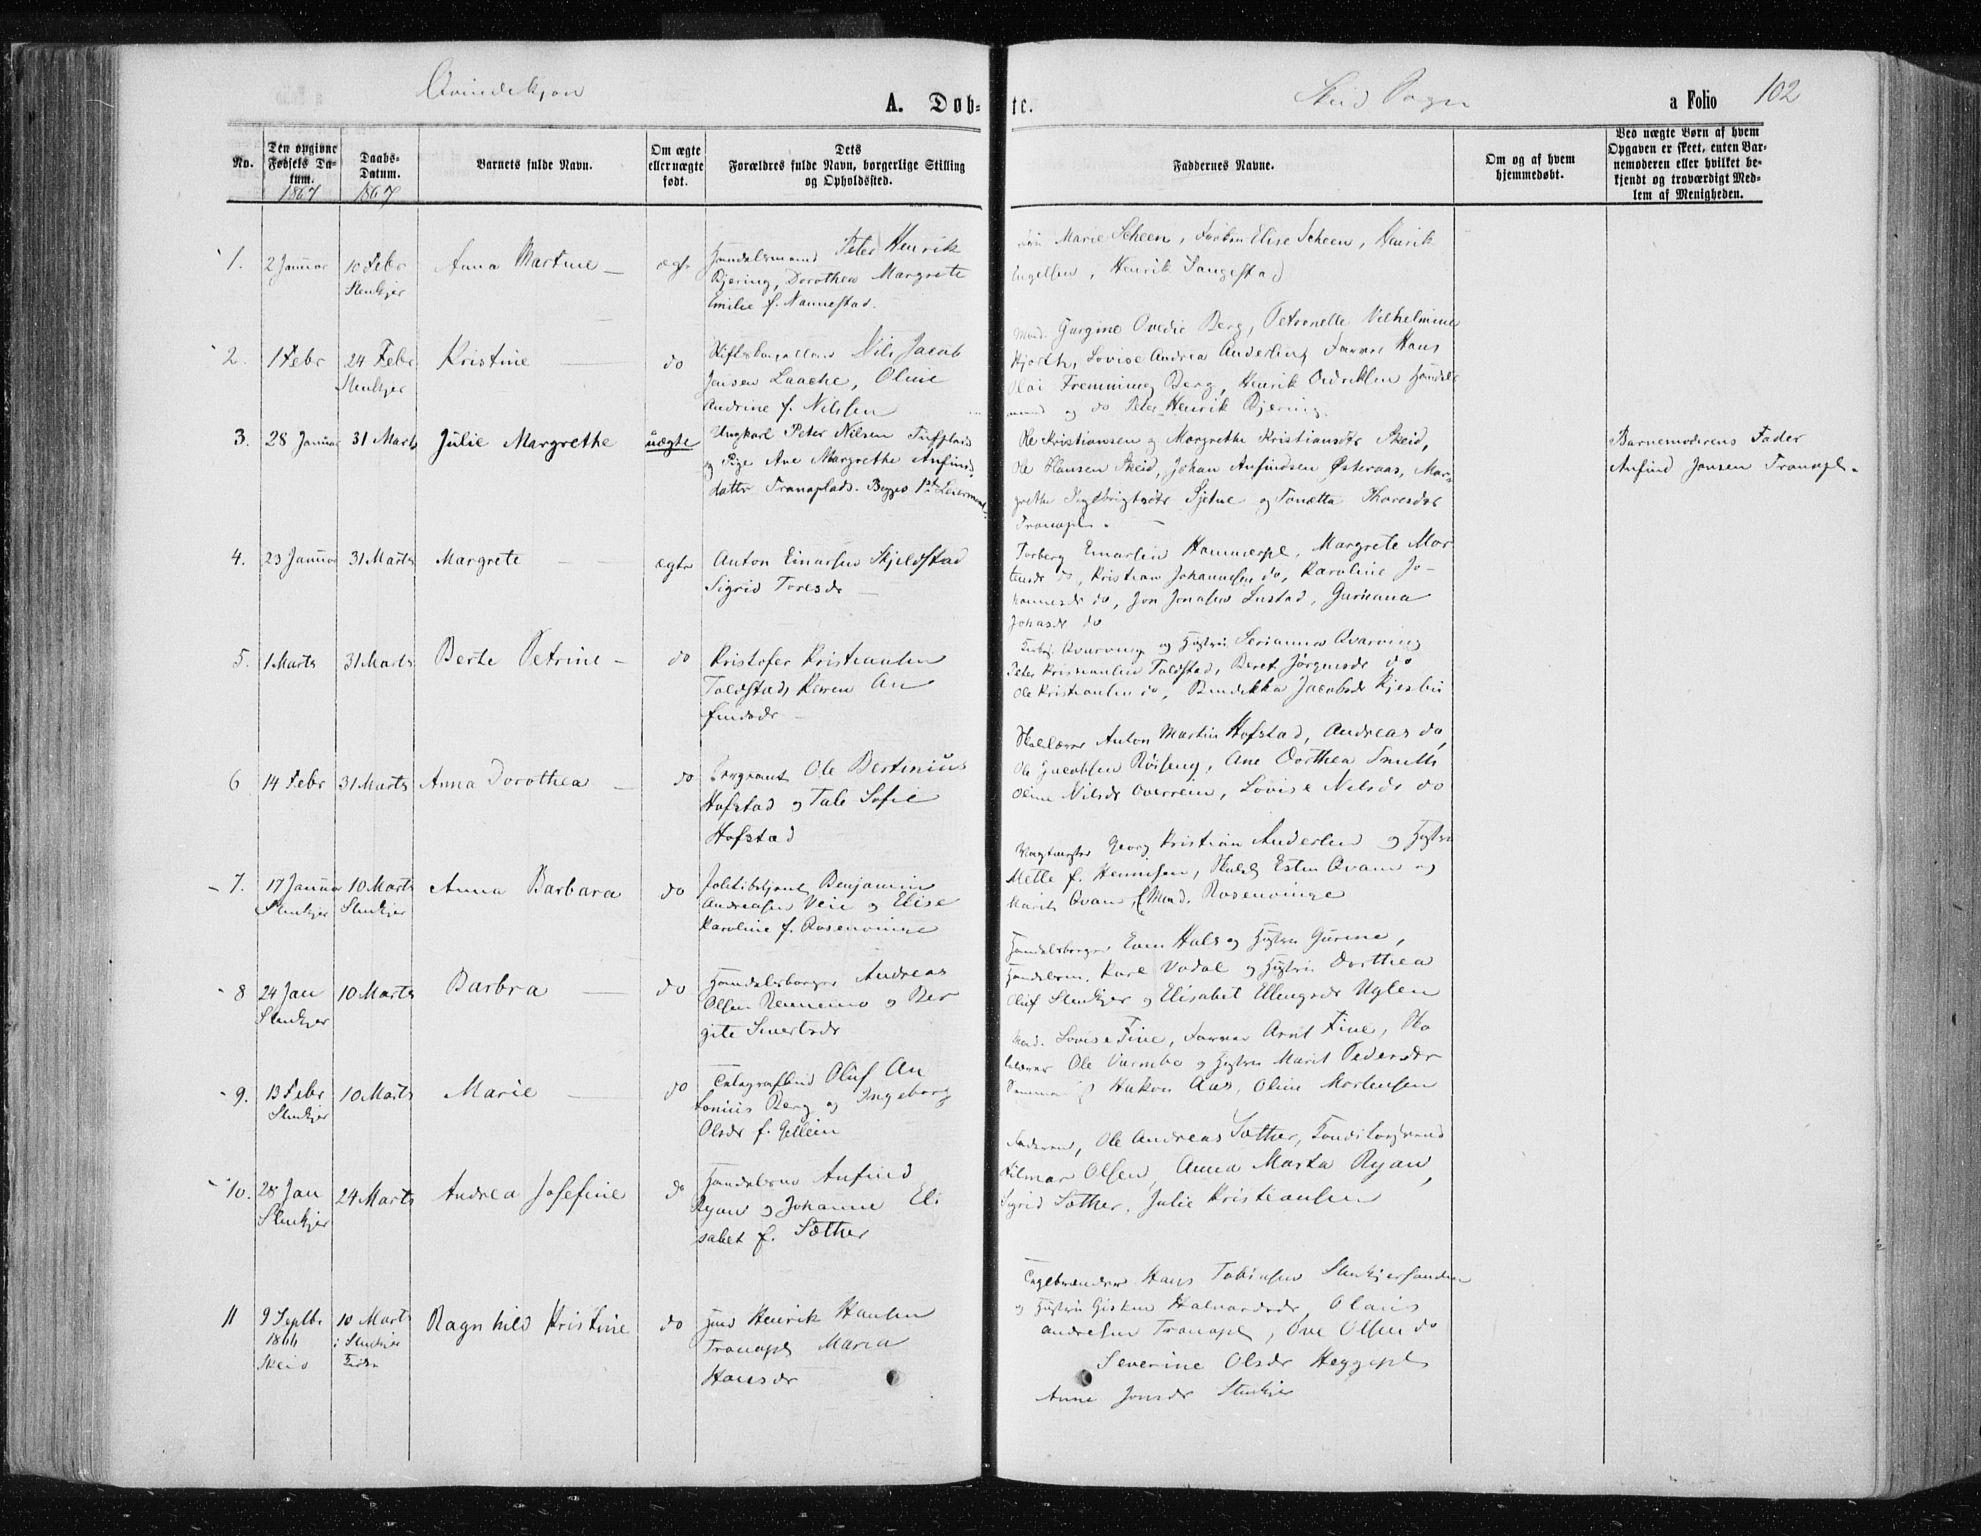 SAT, Ministerialprotokoller, klokkerbøker og fødselsregistre - Nord-Trøndelag, 735/L0345: Ministerialbok nr. 735A08 /2, 1863-1872, s. 102